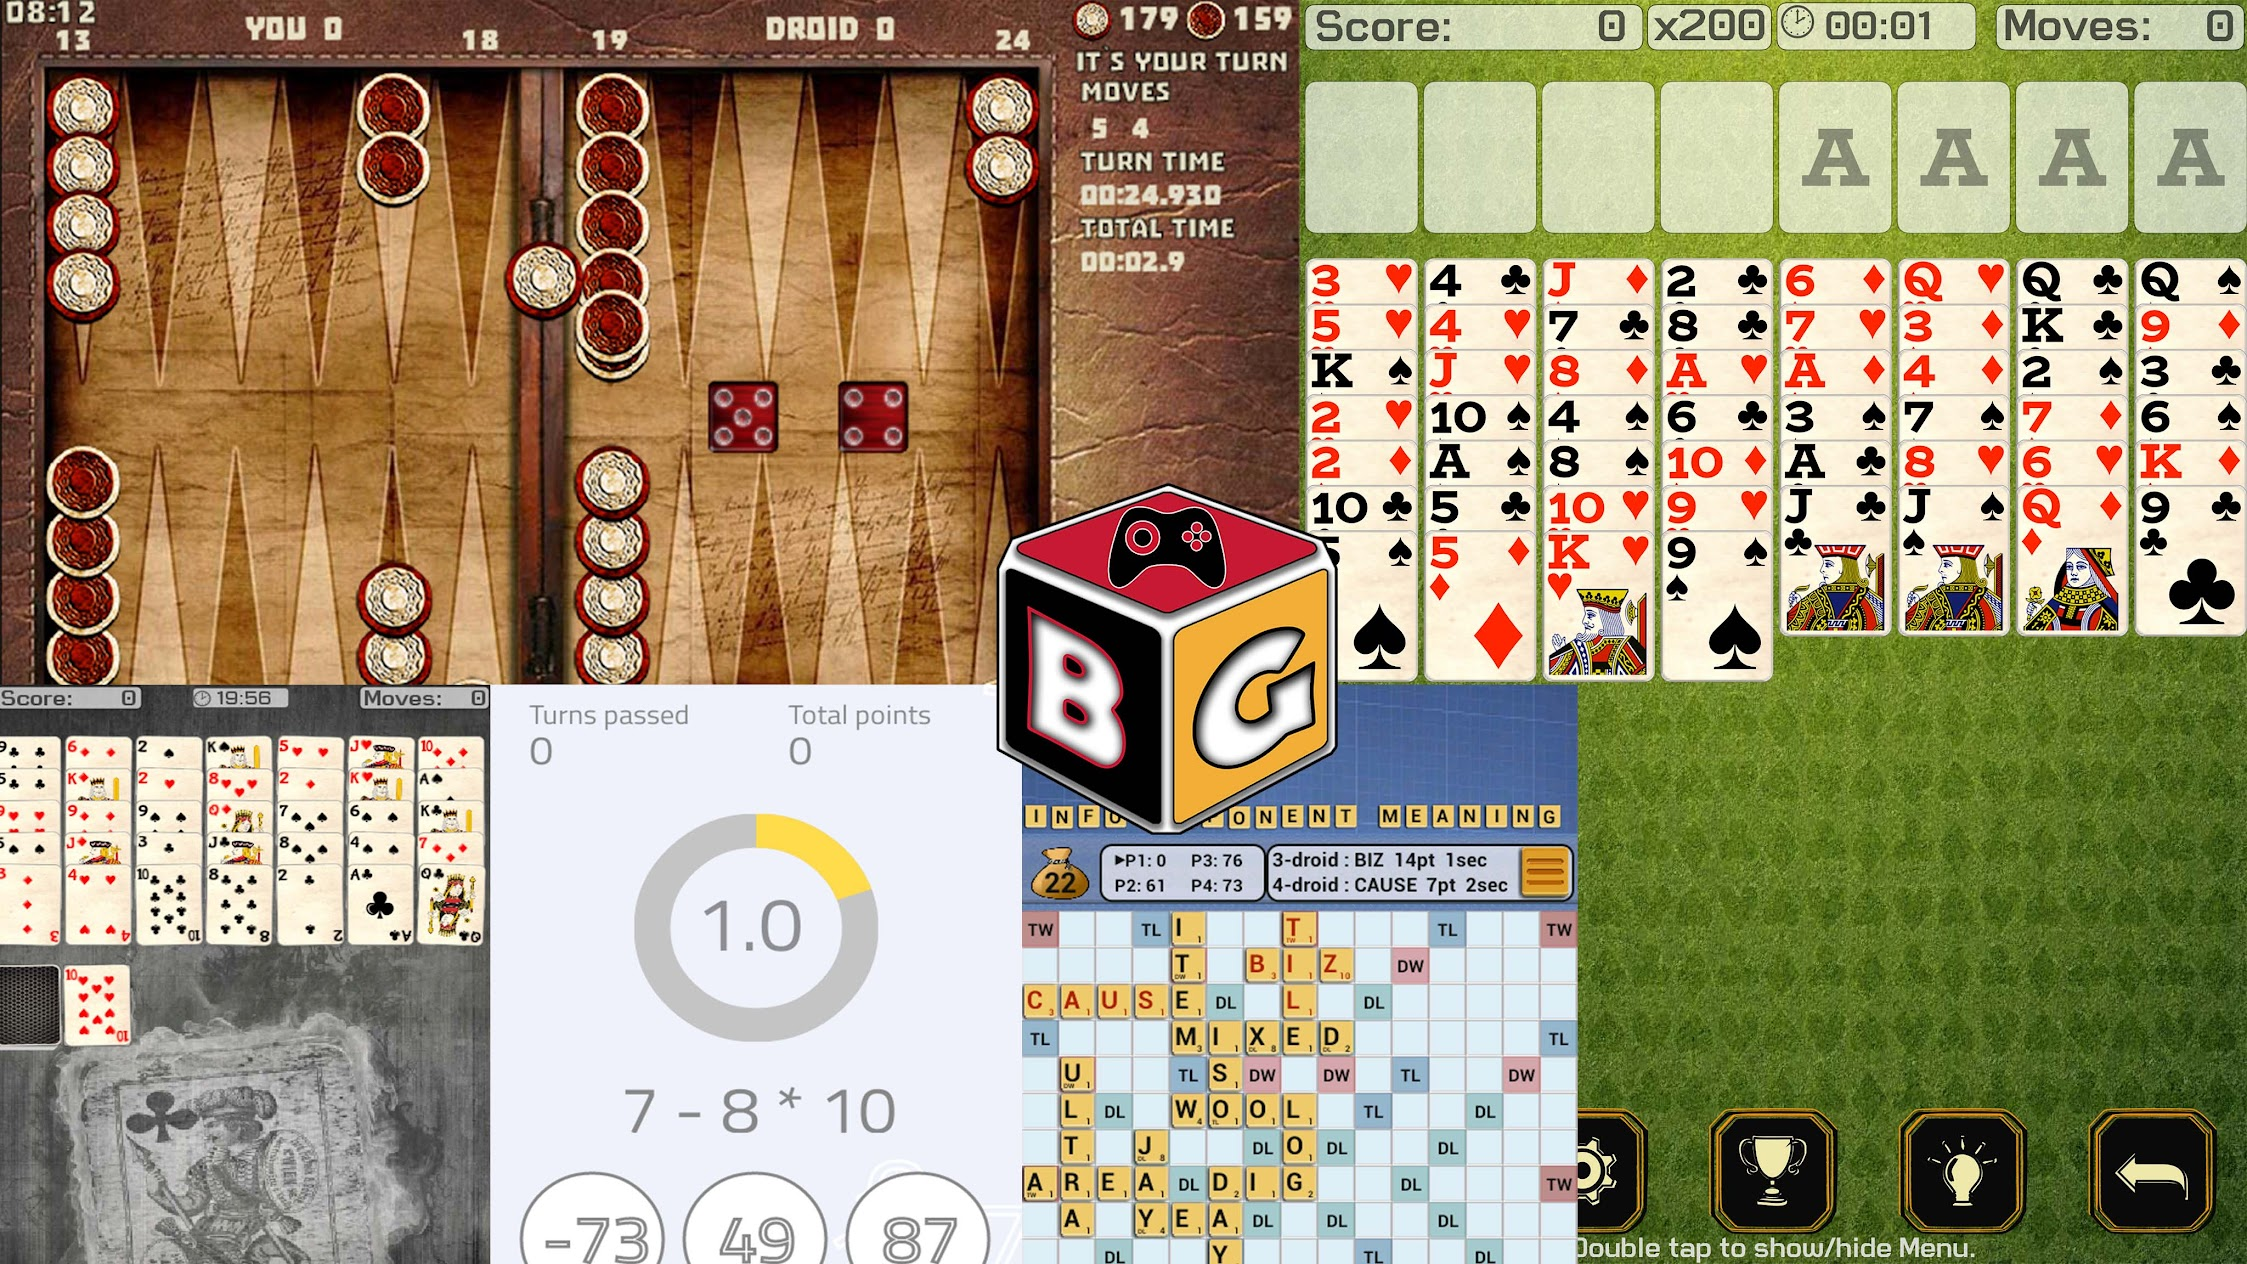 BP Mobile Games